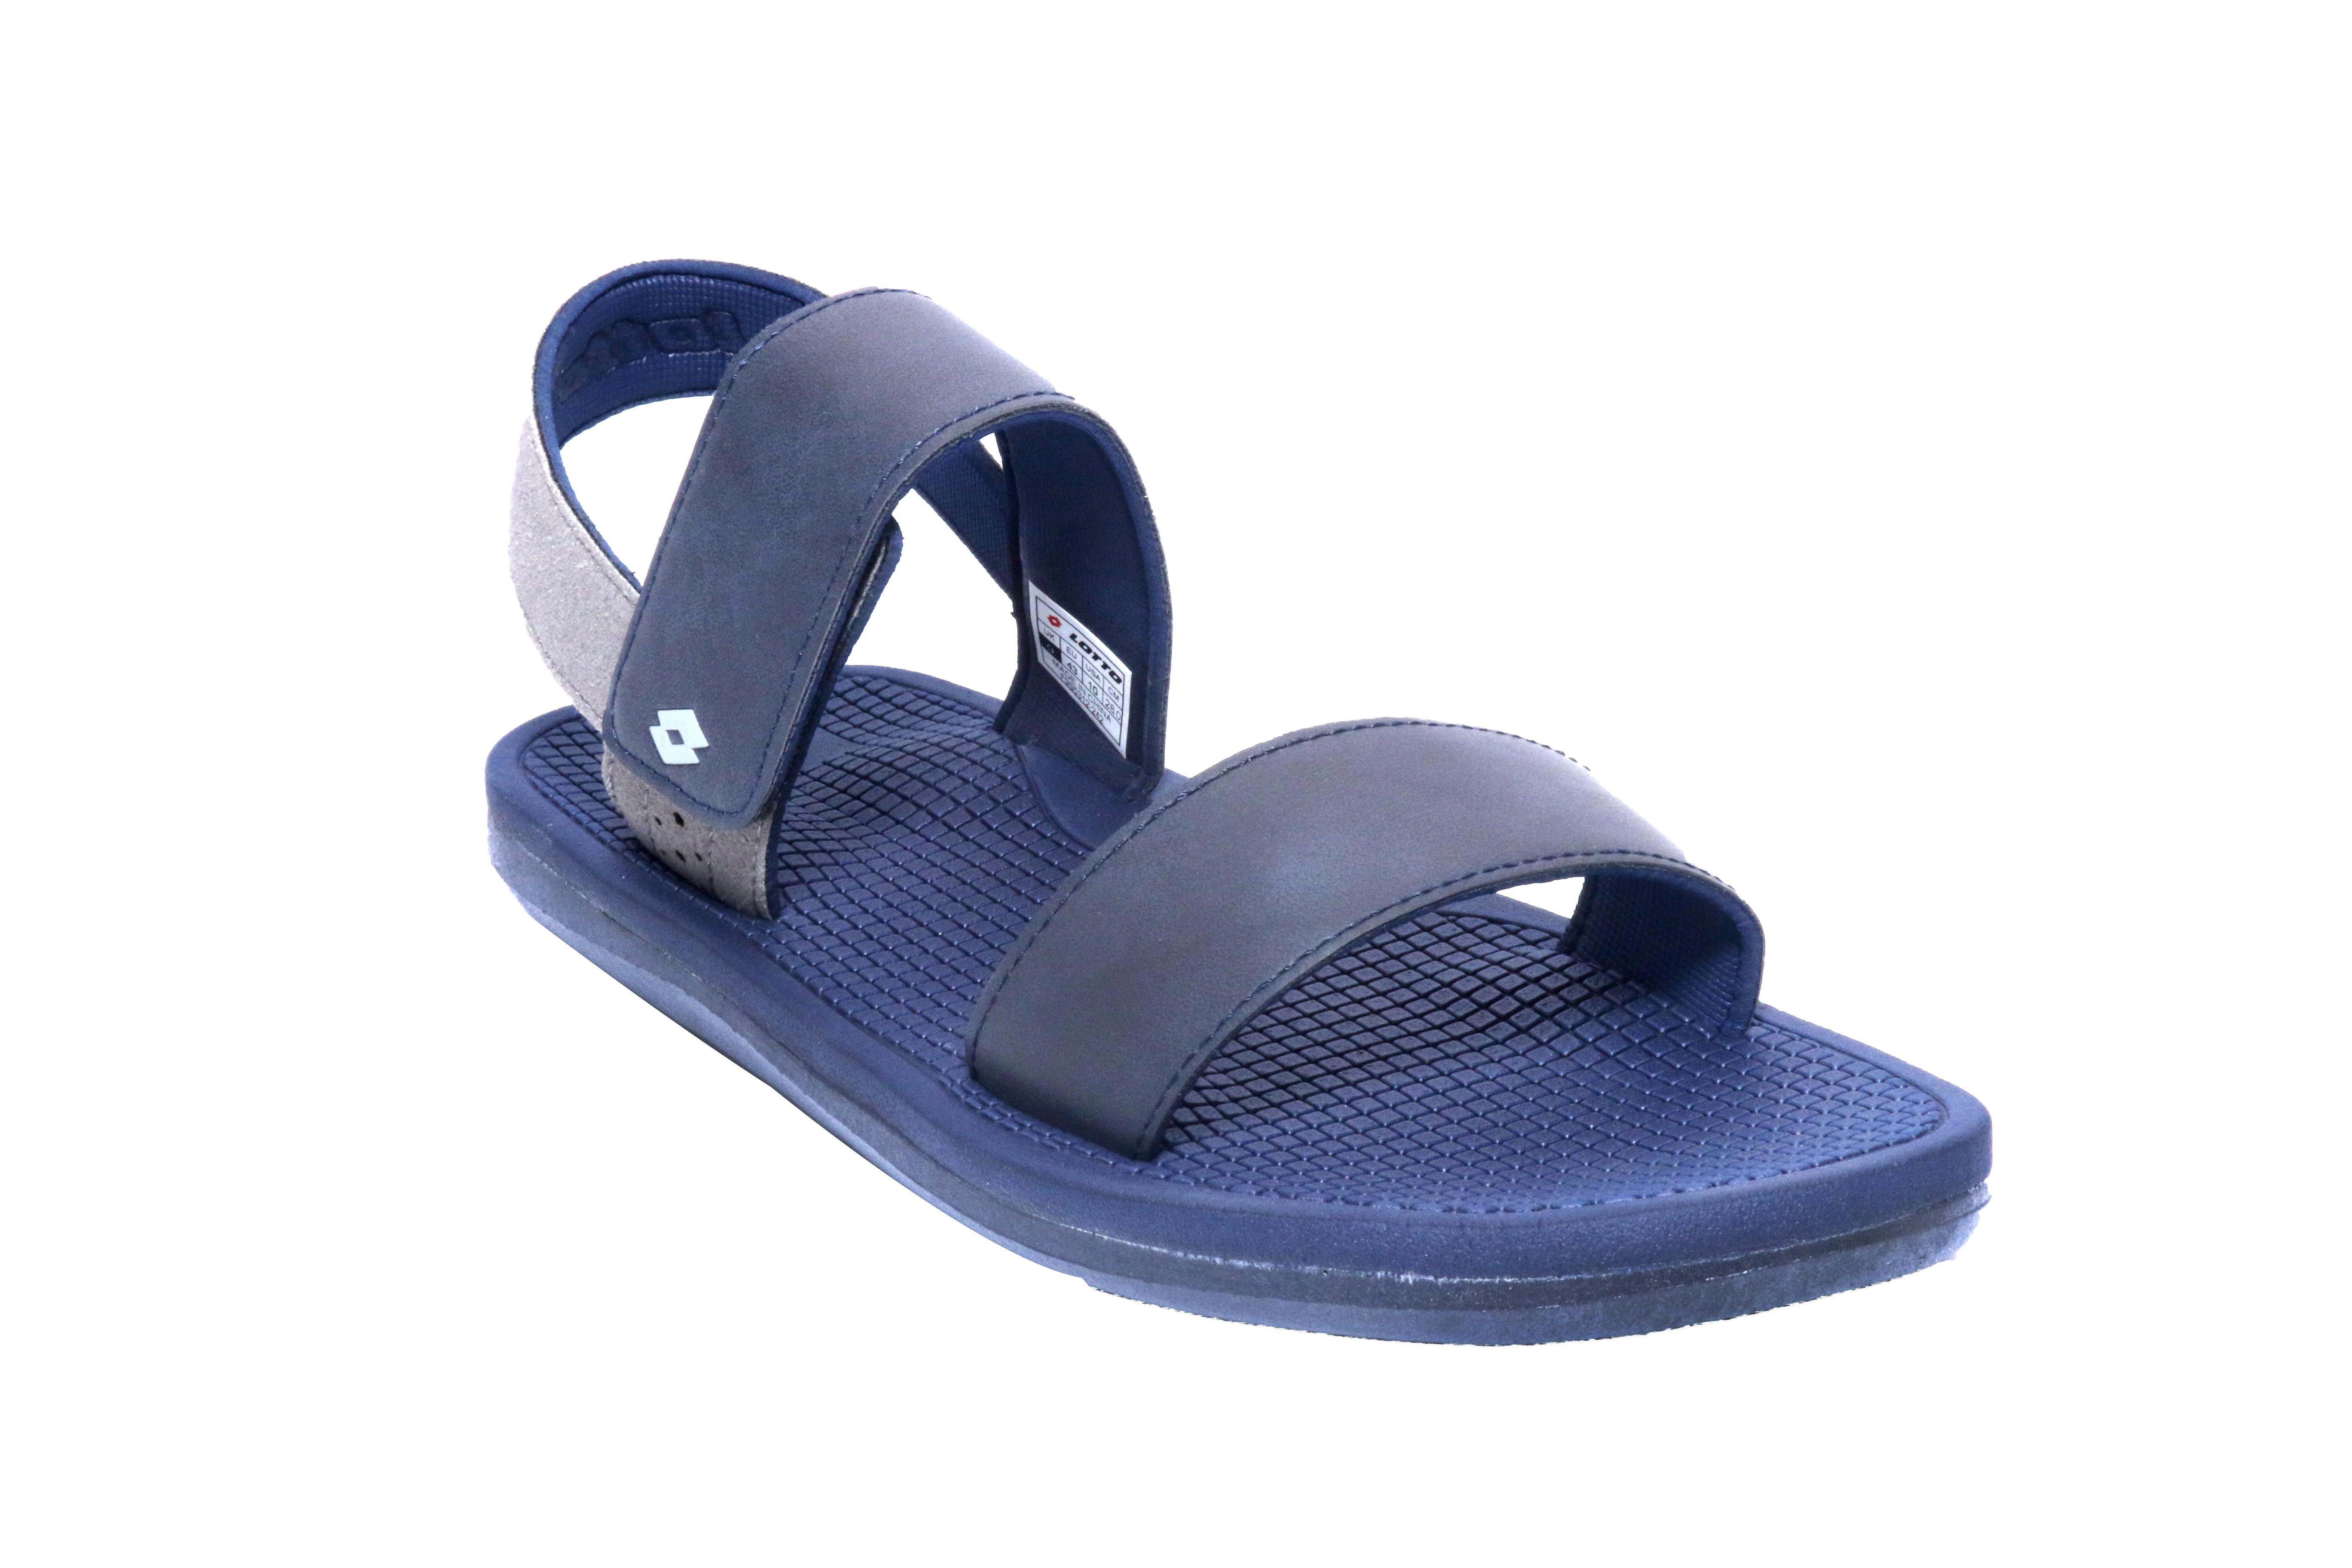 Lotto | Lotto Men's Fulvio Grey/ Blue Sandals